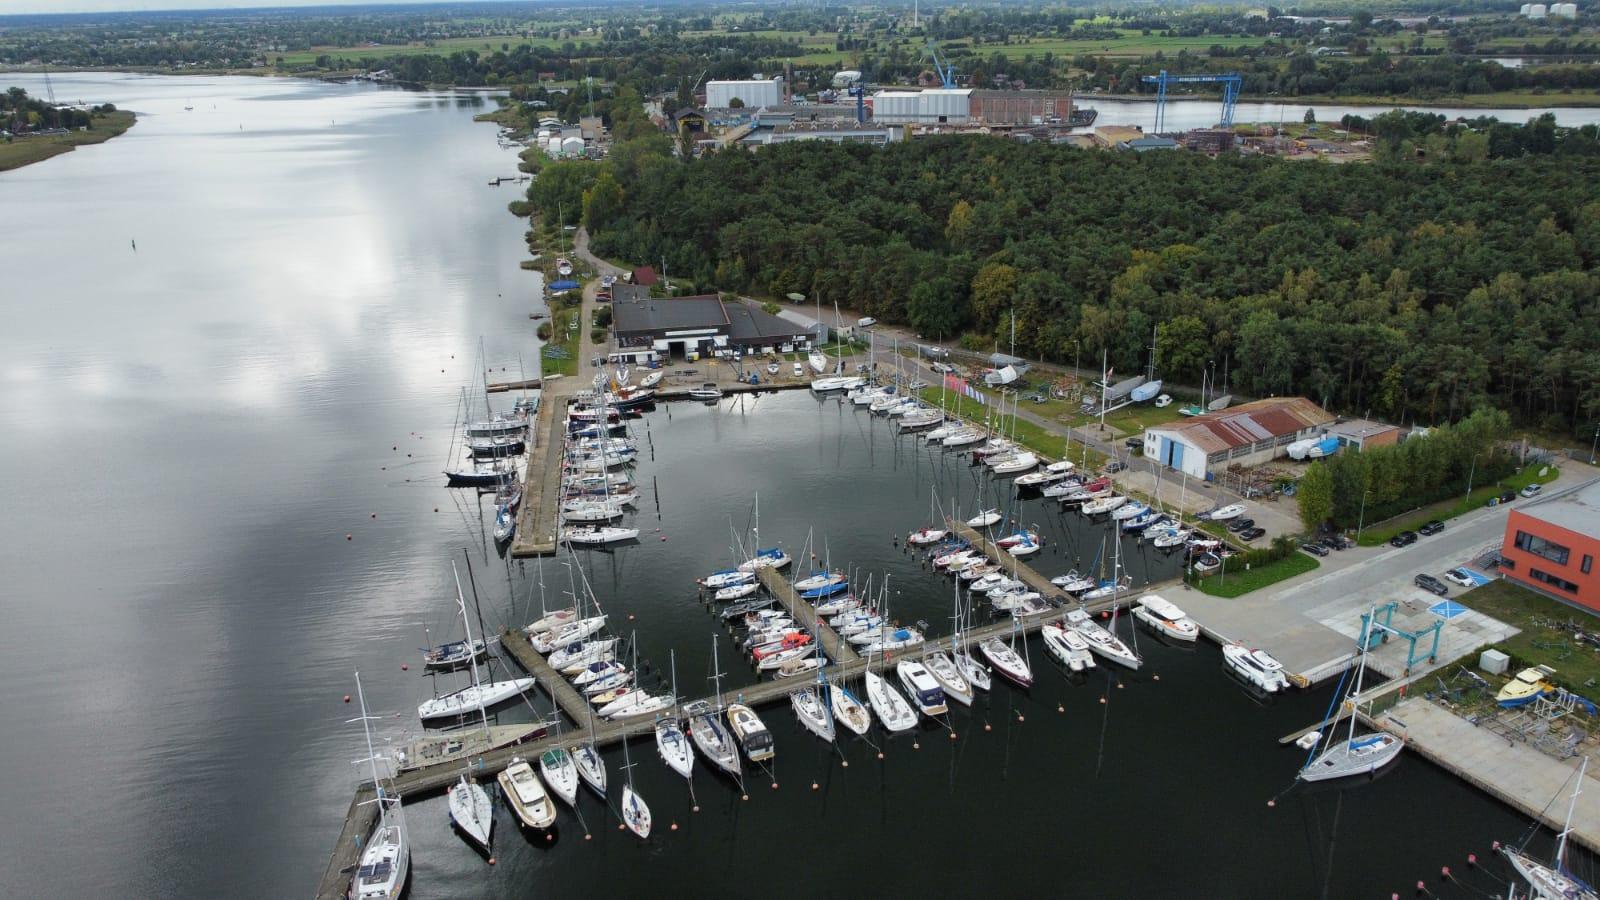 Port Jachtowy w Górkach Zachodnich zostanie rozbudowany